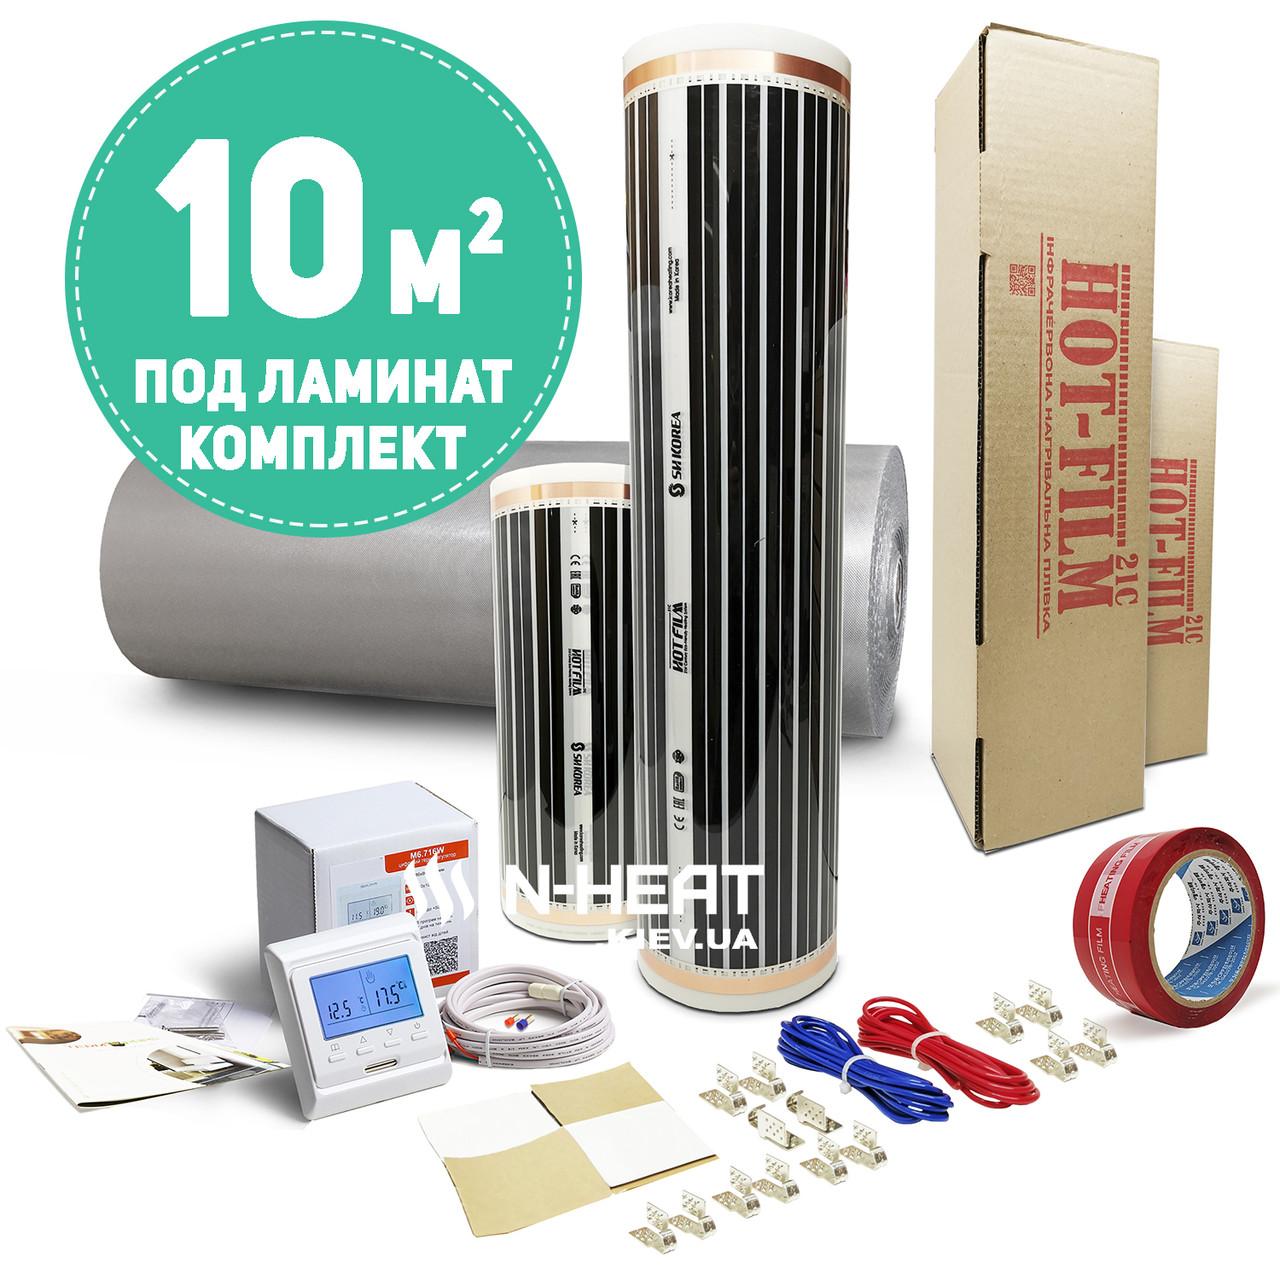 10 м² Теплый пол Hot-Film под ламинат / набор / пленочный электрический обогрев пола / пленка 45 °C